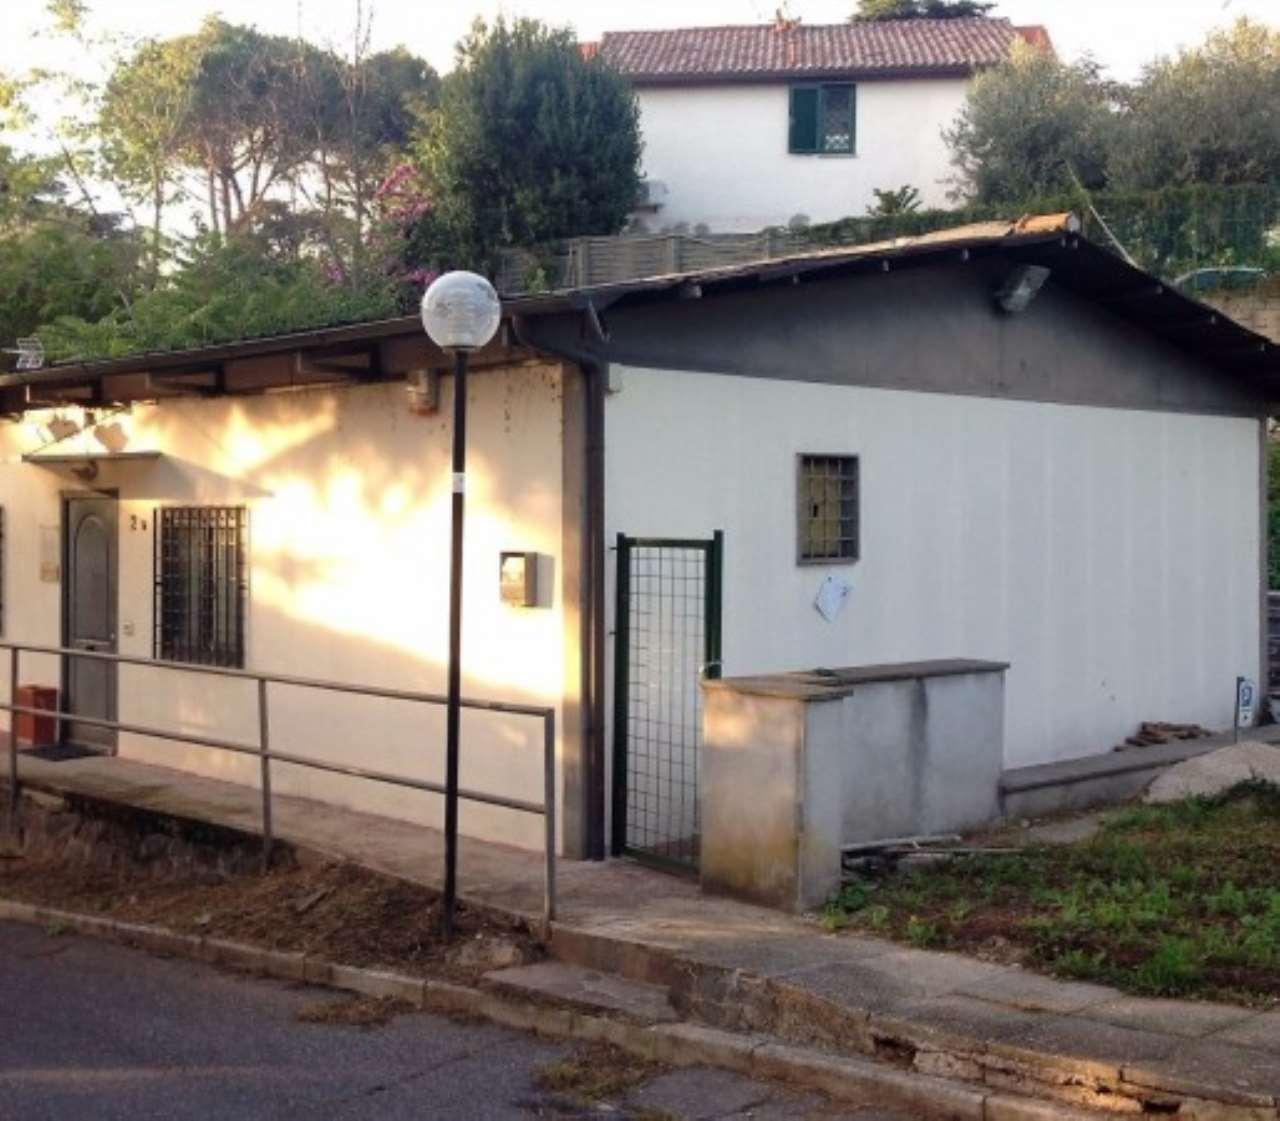 Soluzione Indipendente in affitto a Frascati, 4 locali, prezzo € 950 | Cambio Casa.it